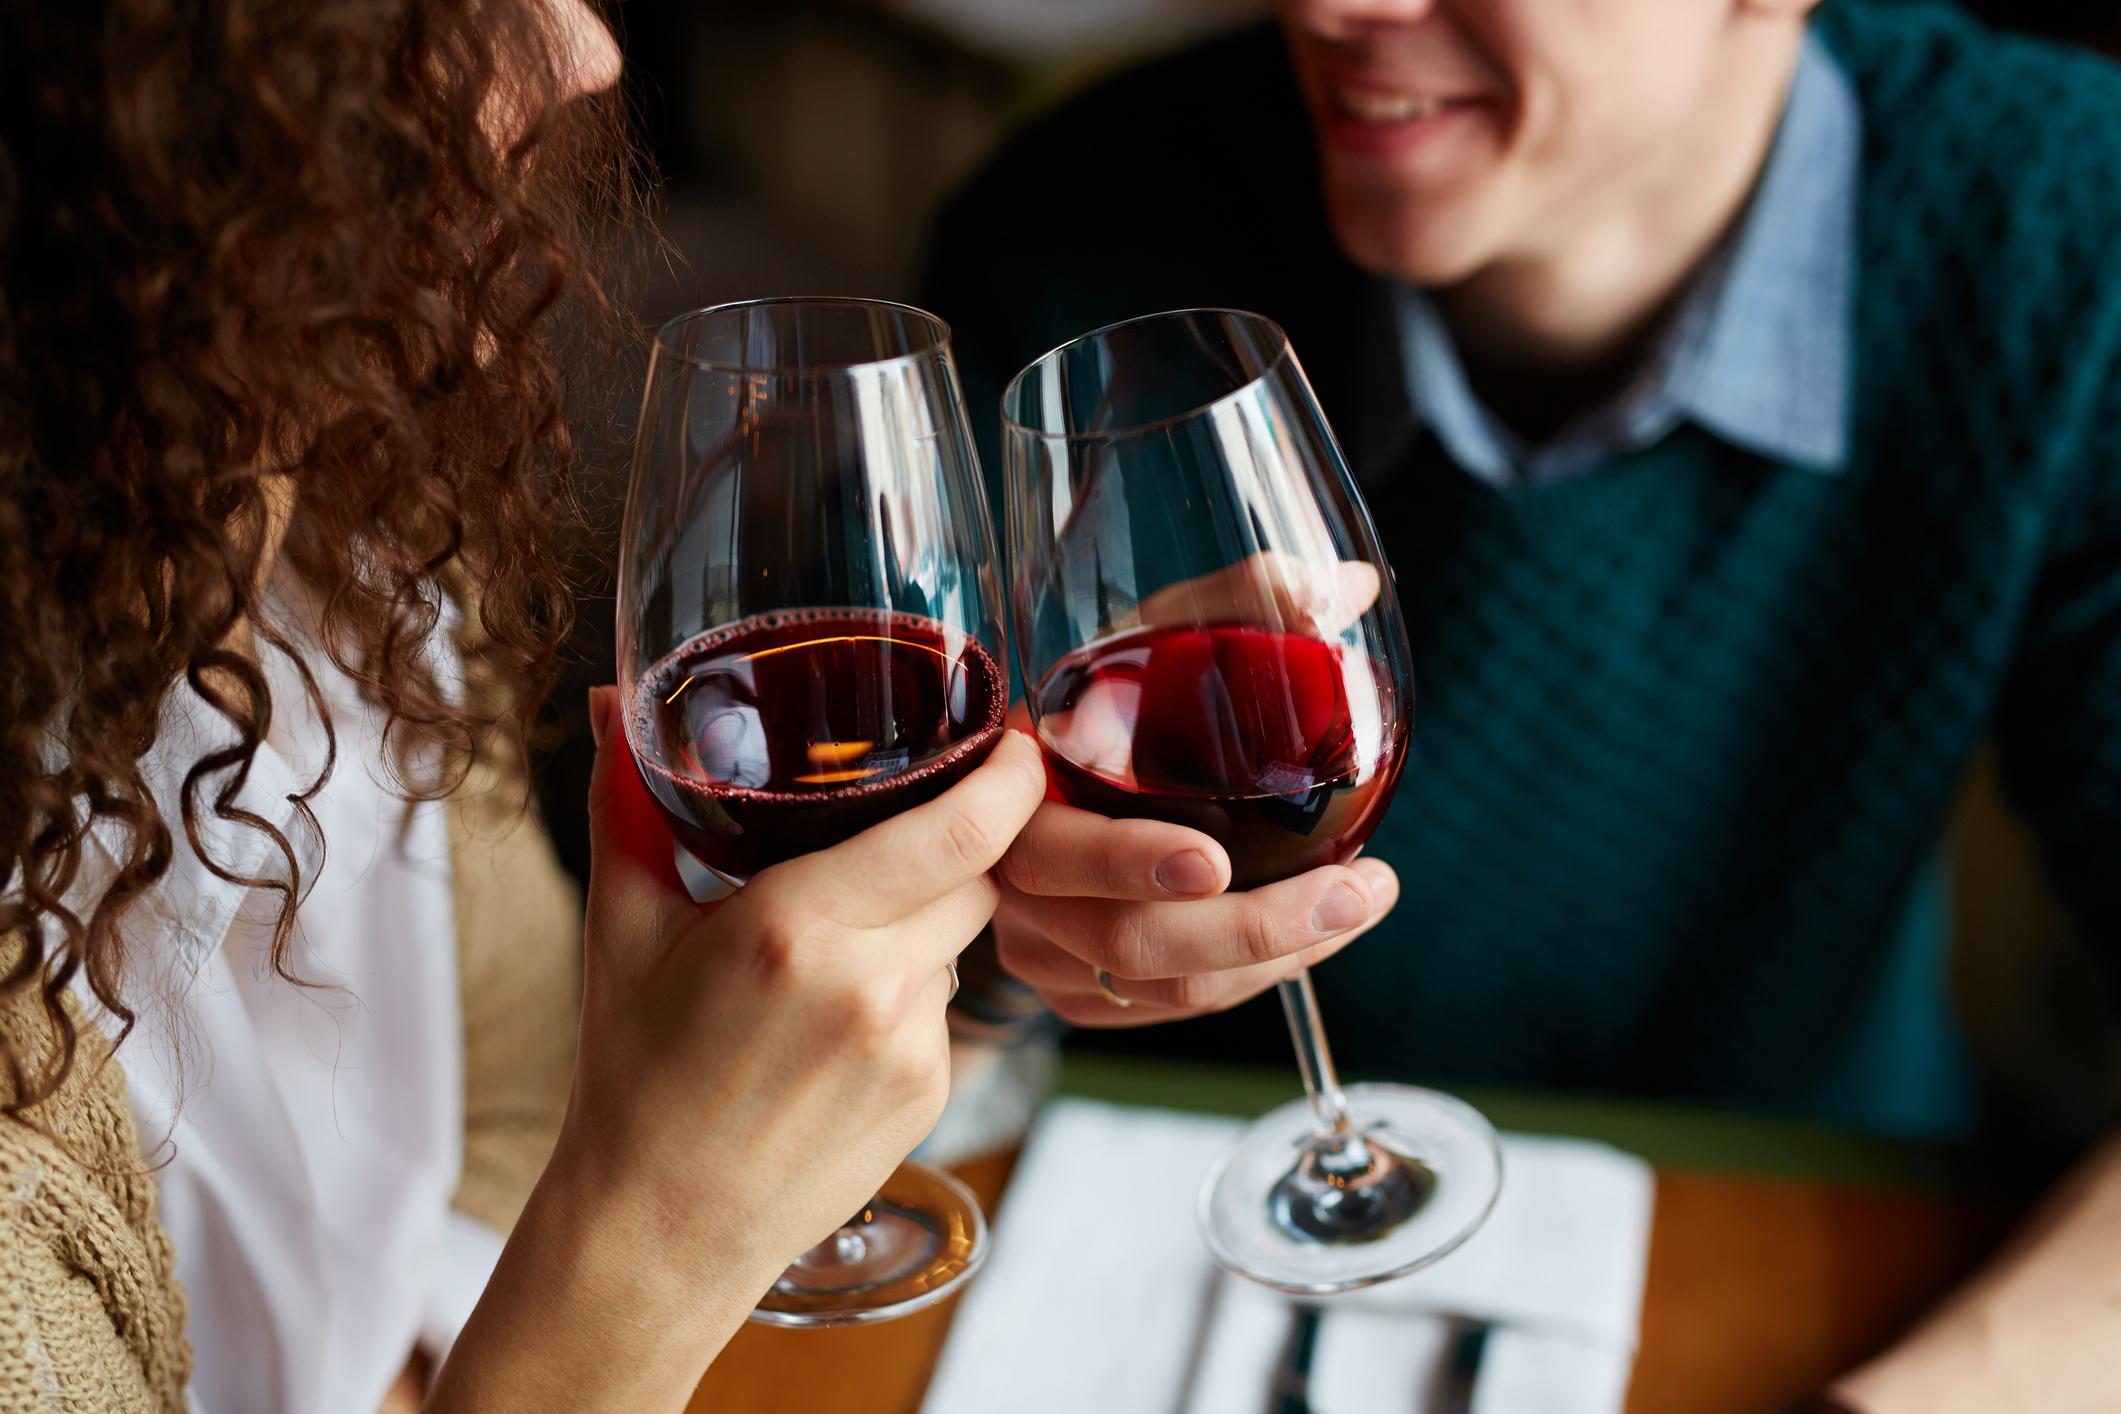 beneficios del vino tinto, cuánto vino se puede beber, propiedades del vino, el malo beber vino, beber vino diario el malo, desventajas del vino, qué es mejor vino tinto o blanco, muerte prematura, tipos de cáncer, colesterol, presión arteria, alcohol